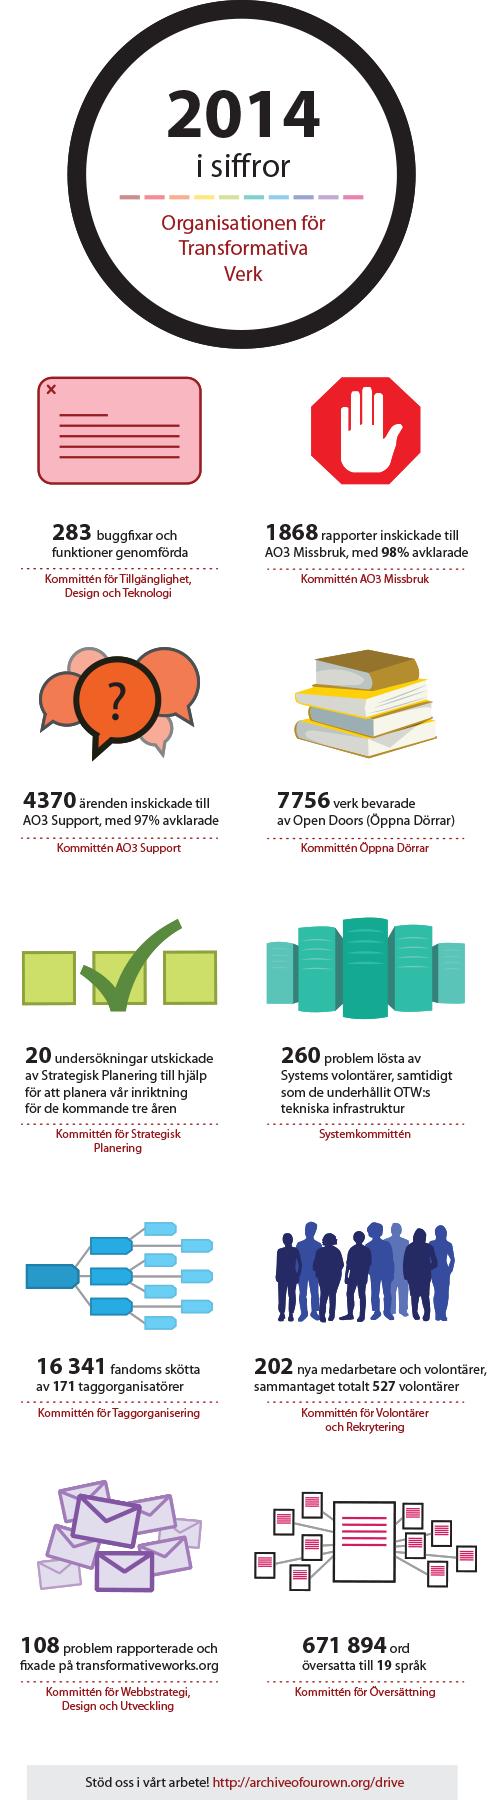 2014 i siffrorOrganisationen för Transformativa Verk283 buggfixar och funktioner genomfördaKommittén för Tillgänglighet, Design och Teknologi1868 rapporter inskickade till AO3 Missbruk, med 98% avklaradeKommittén AO3 Missbruk 4370 ärenden inskickade till AO3 Support, med 97% avklaradeKommittén AO3 Support 7756 verk bevarade av Open Doors (Öppna Dörrar)Kommittén Öppna Dörrar20 undersökningar utskickade av Strategisk Planering till hjälp för att planera vår inriktning för de kommande tre årenKommittén för Strategisk Planering 260 problem lösta av Systems volontärer, samtidigt som de underhållit OTW:s tekniska infrastrukturSystemkommittén16 341 fandoms skötta av 171 taggorganisatörerKommittén för Taggorganisering 202 nya medarbetare och volontärer, sammantaget totalt 527 volontärerKommittén för Volontärer och Rekrytering108 problem rapporterade och fixade på transformativeworks.orgKommittén för Webbstrategi, Design och Utveckling 671 894 ord översatta till 19 språkKommittén för Översättning Stöd oss i vårt arbete!transformativeworks.org/donate